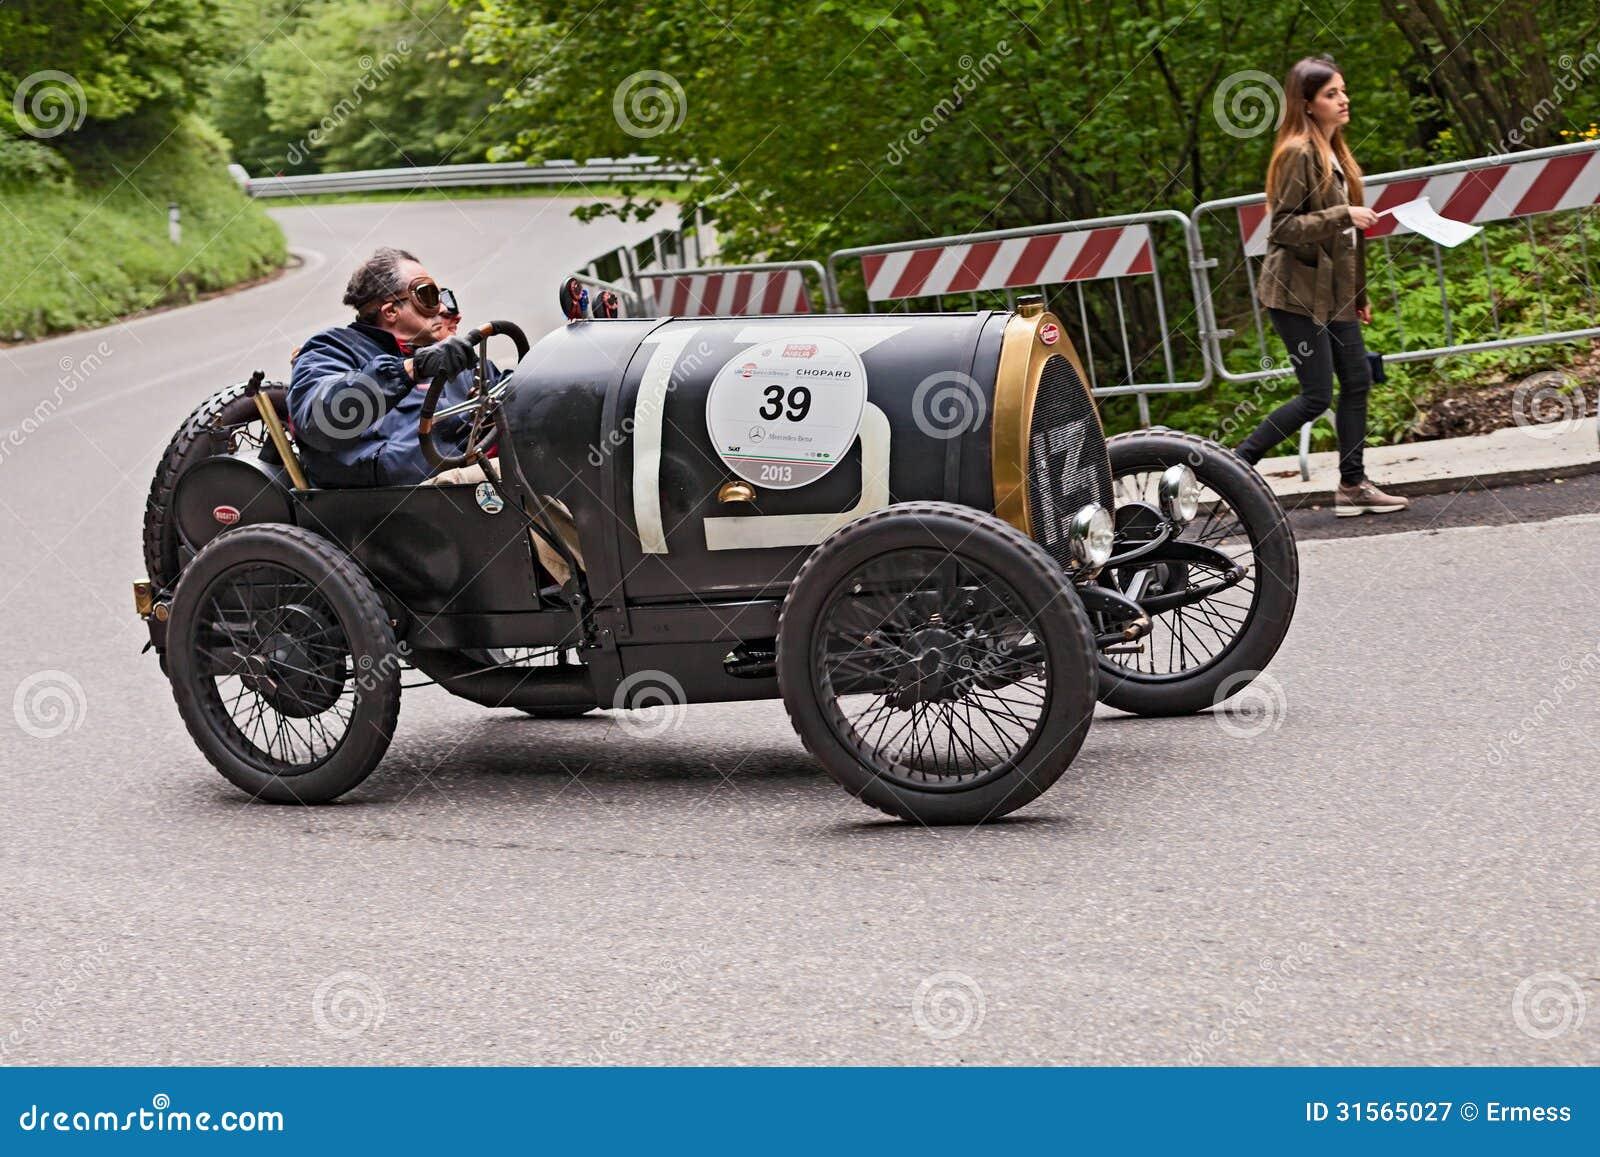 bugatti-t-rally-mille-miglia-old-racing-car-brescia-runs-famous ...